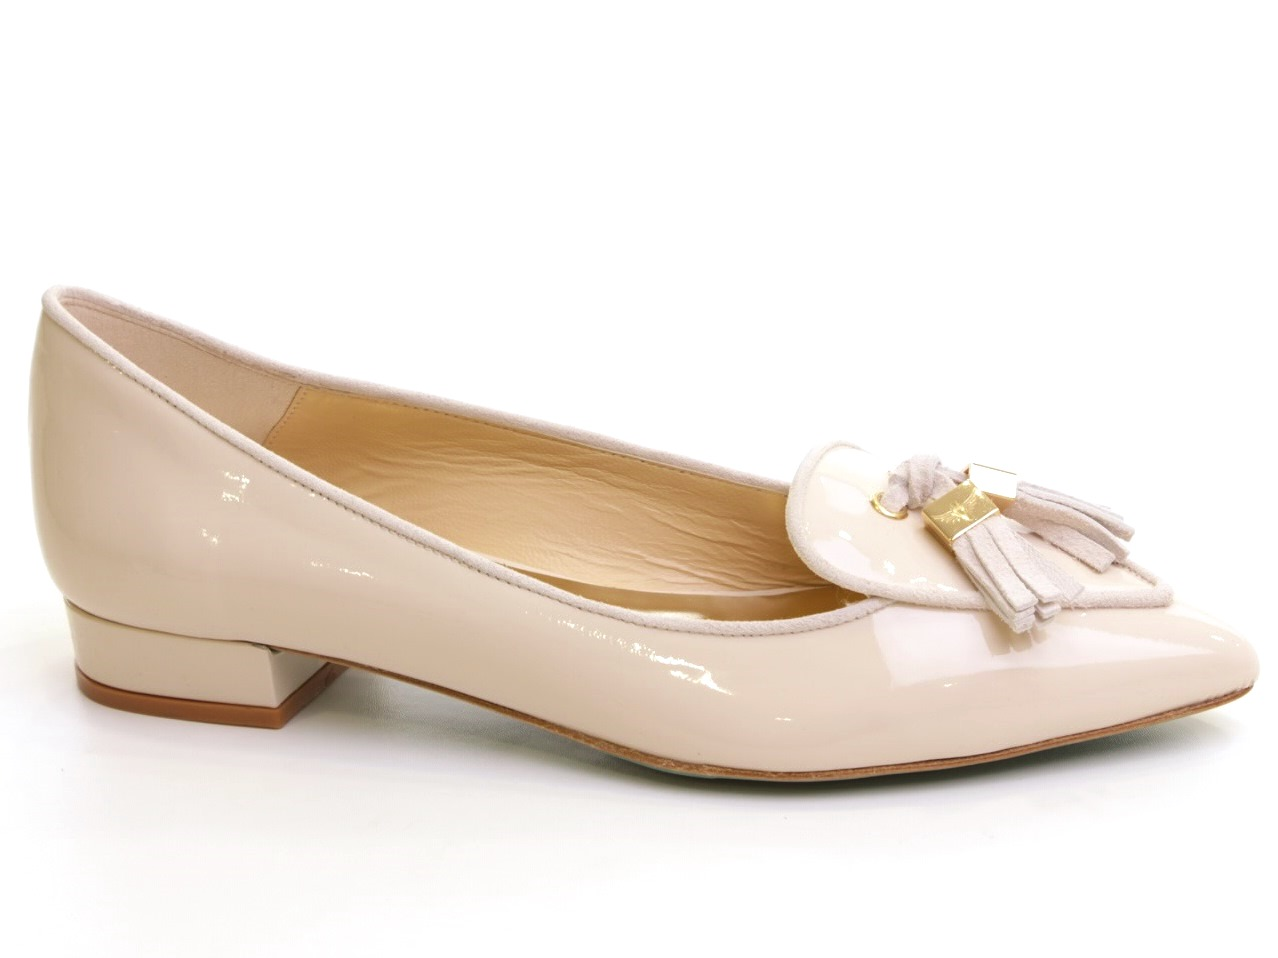 Zapatos Planos, Sabrinas, Mocassins Miguel Vieira - 001 MVW15082